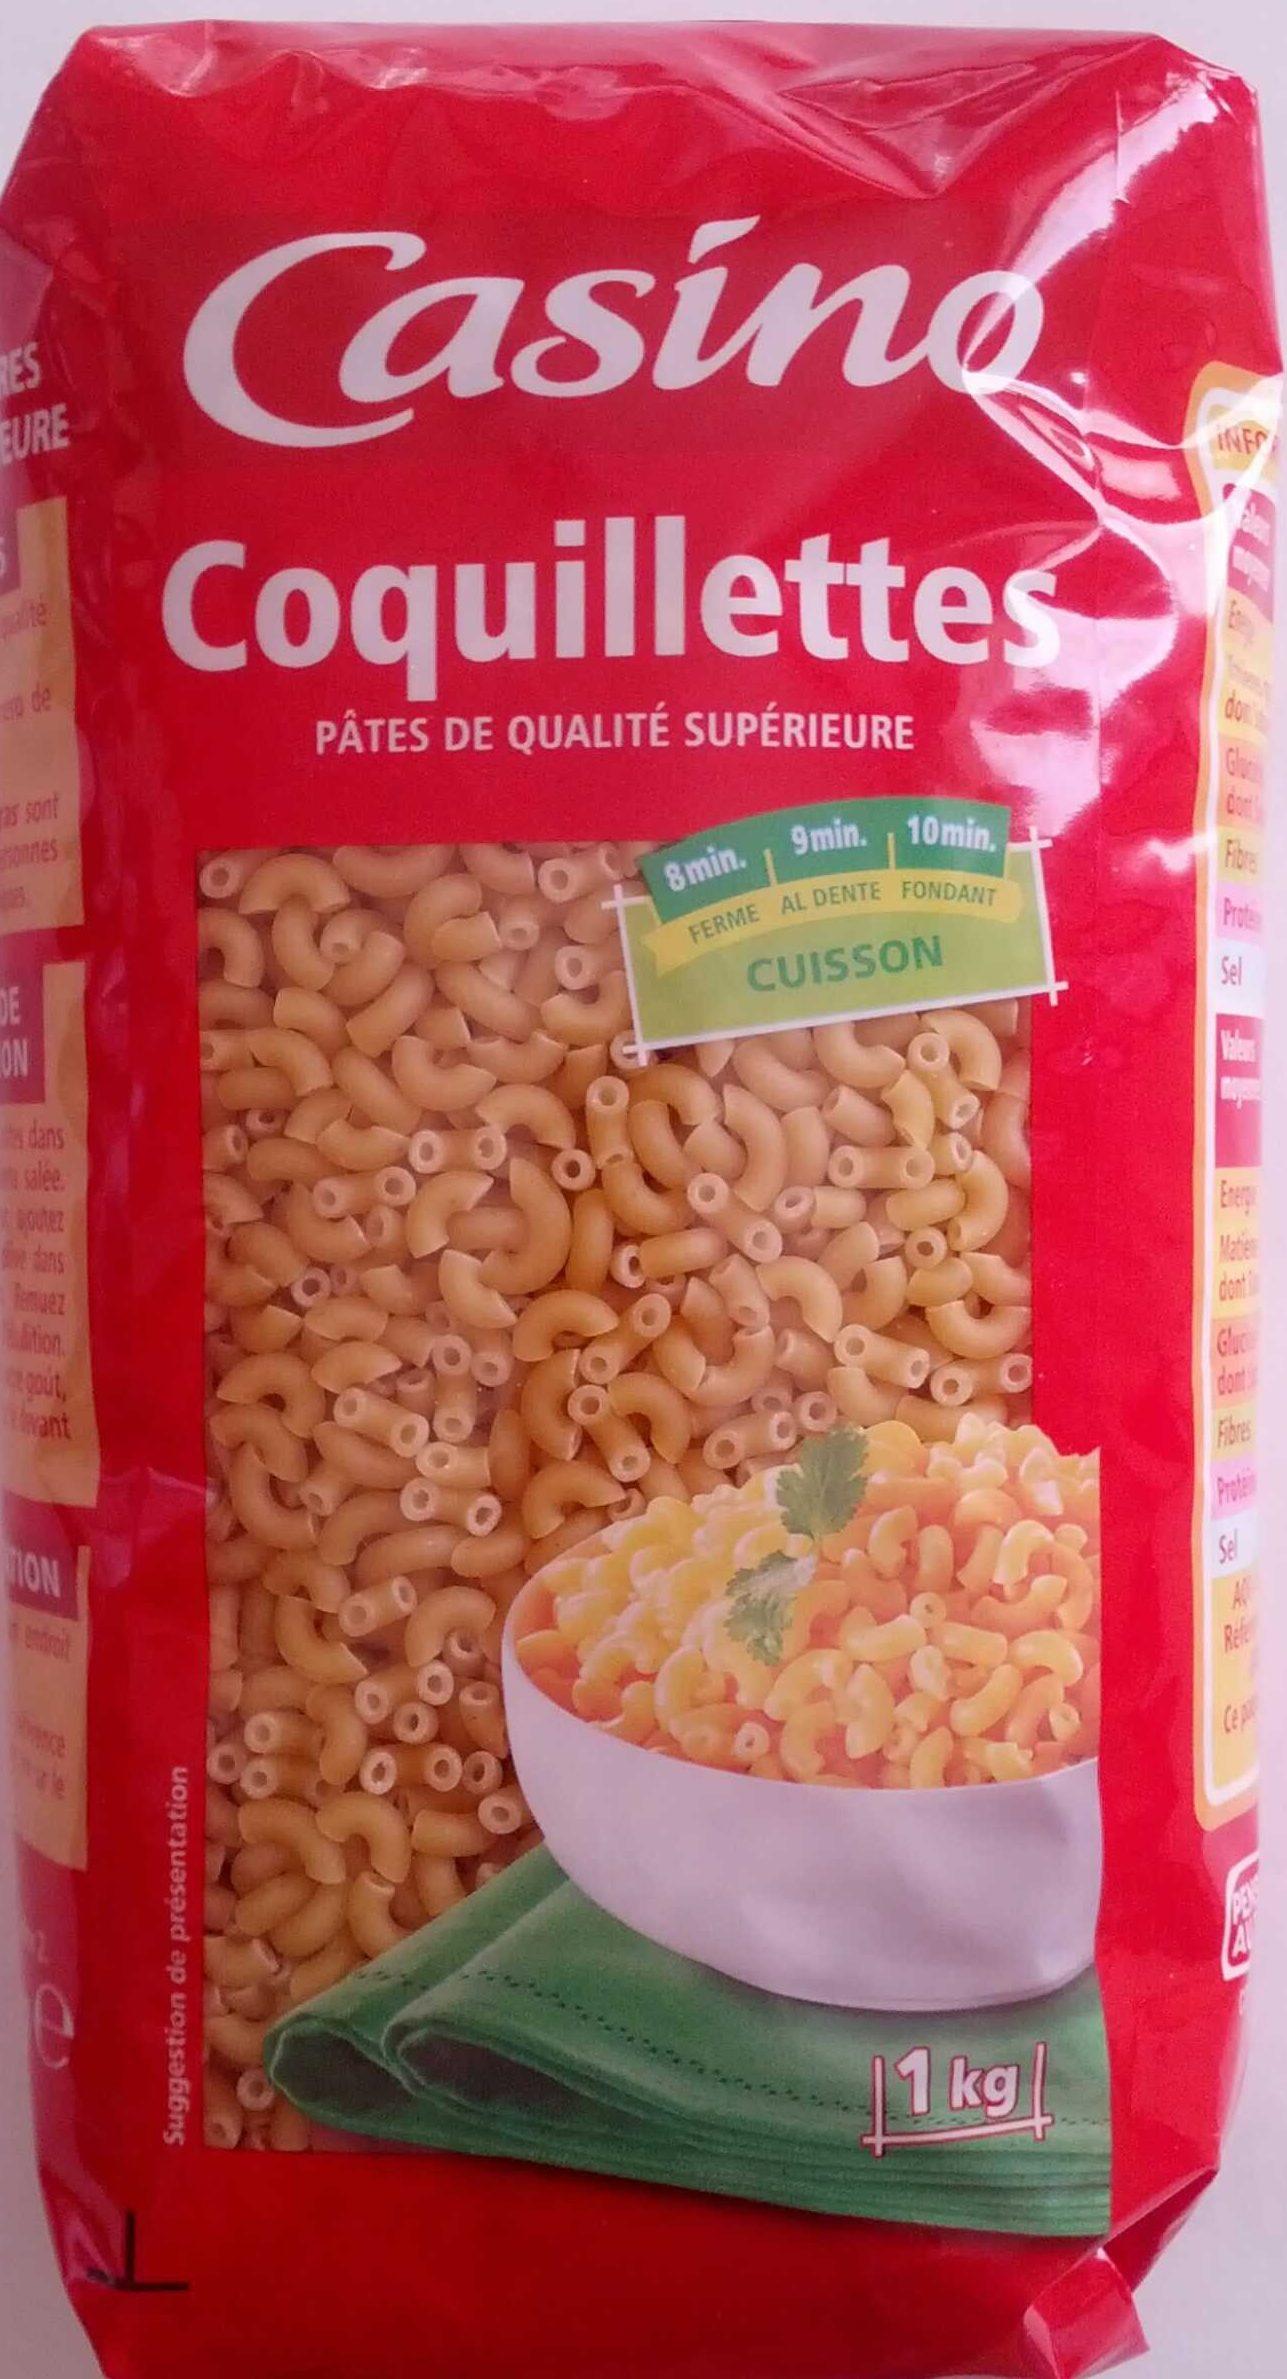 Coquillettes - pâtes de qualité supérieure - Product - fr